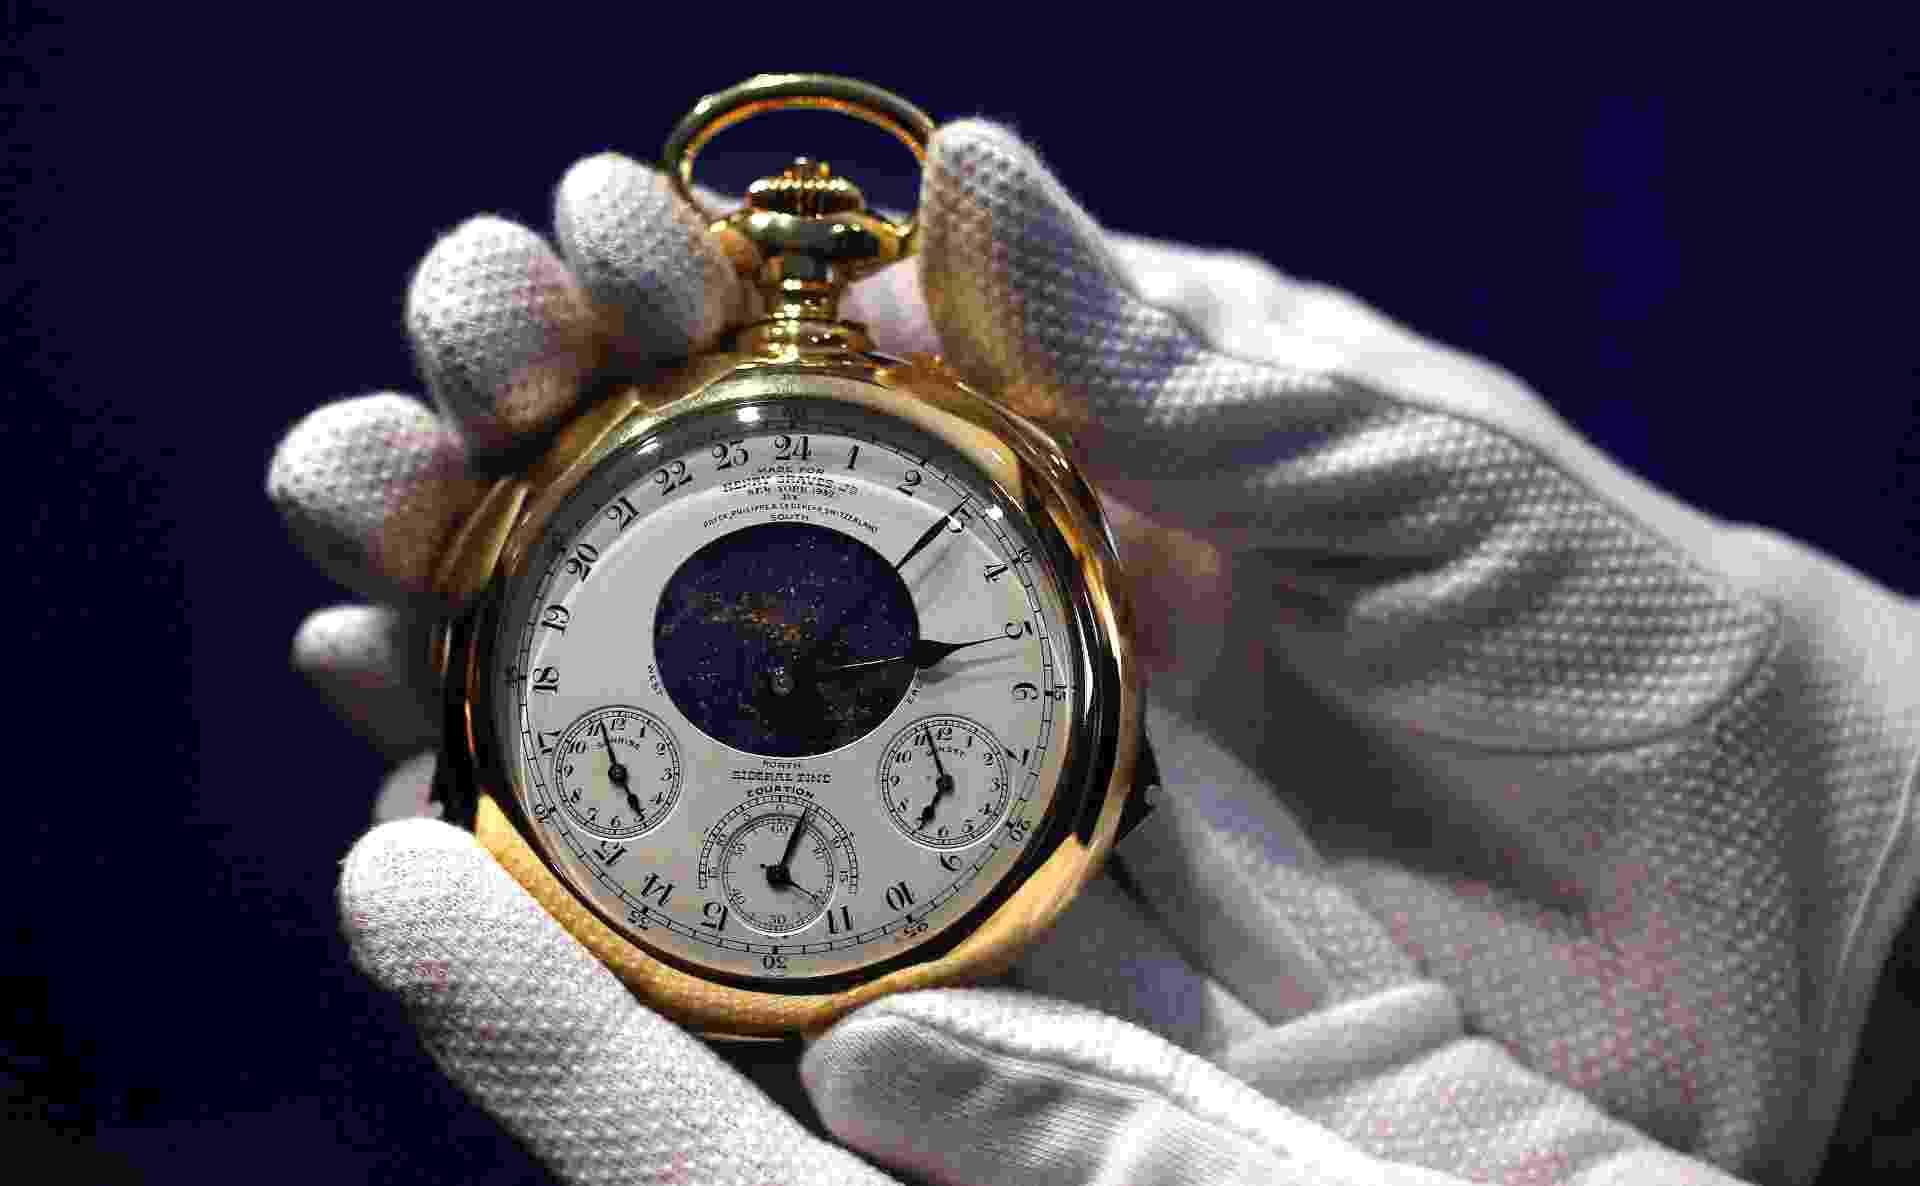 Um relógio de bolso de ouro chamado de ?Henry Graves Supercomplication?, fabricado pela suíça Patek Philippe, será leiloado pela Sotheby?s em Genebra - Suzanne Plunkett/Reuters